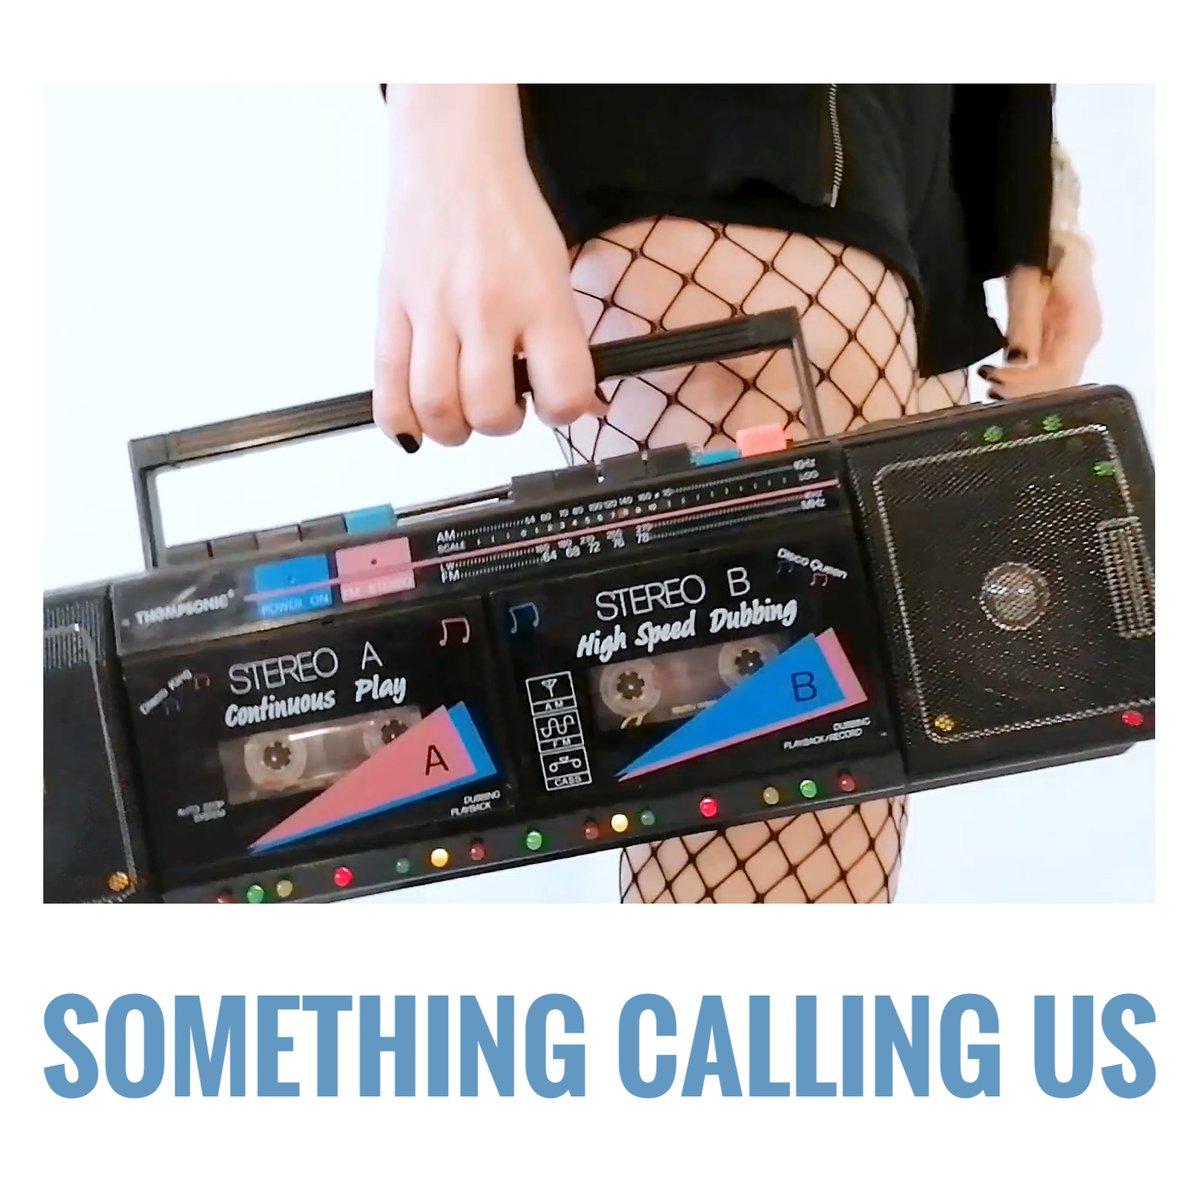 Watch on YouTube Something Calling Us by GRETA GRACE #gretagrace #yashabo #denispark #popmusic #musicvideo #boombox #song #YouTubepic.twitter.com/cUOZSFi0x7